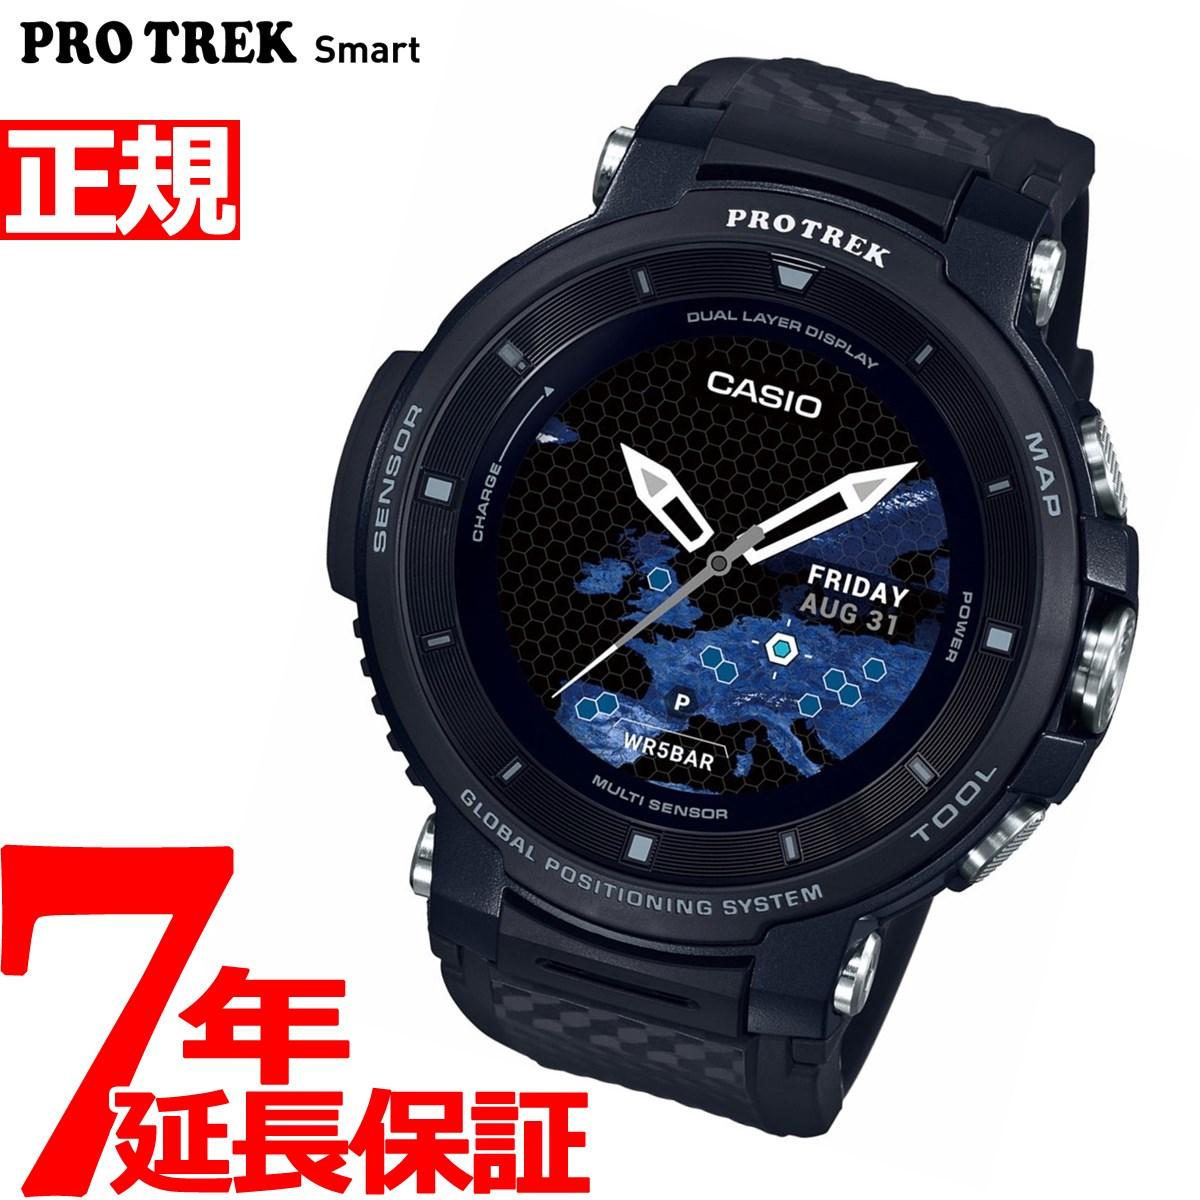 ニールがお得!今ならポイント最大39倍!10日23時59分まで! カシオ プロトレック CASIO PRO TREK スマートアウトドアウォッチ Smart Outdoor Watch ブラック 腕時計 メンズ WSD-F30-BK【2018 新作】